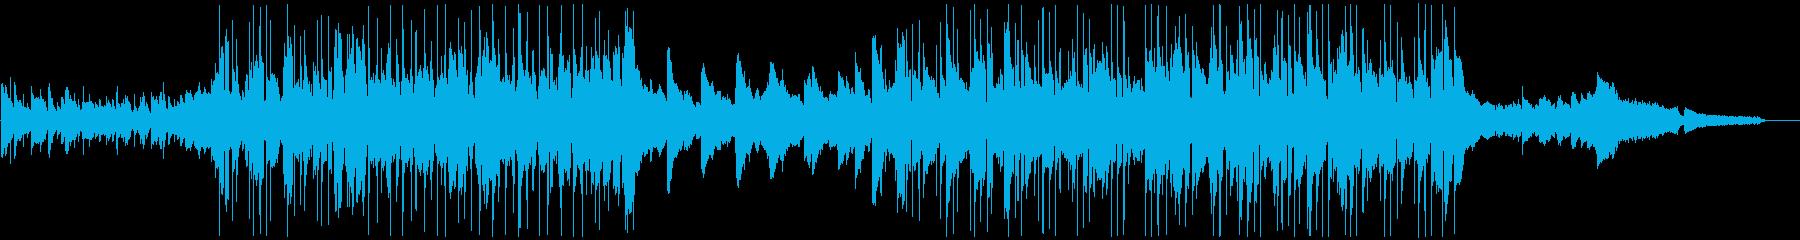 メロディアス、幅広、ポーズ、アコー...の再生済みの波形